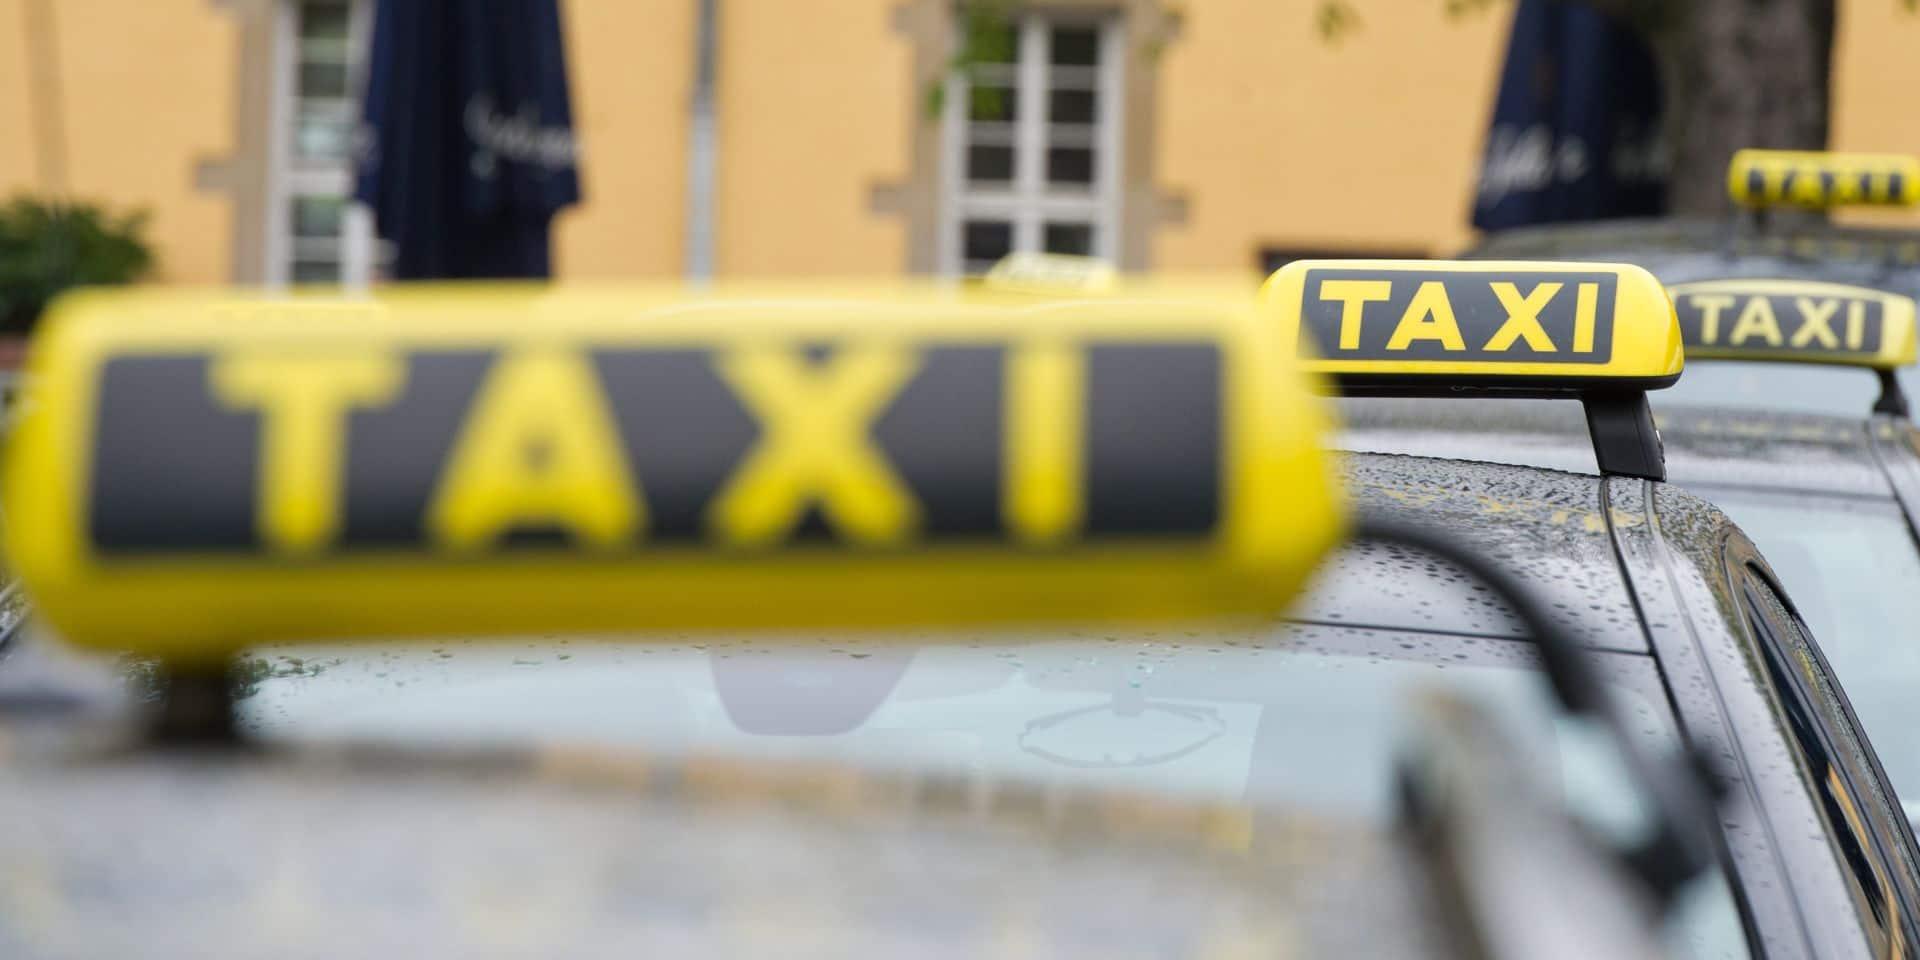 Succès croissant des chèques-taxi à moitié prix pour les moins de 30 ans en Wallonie